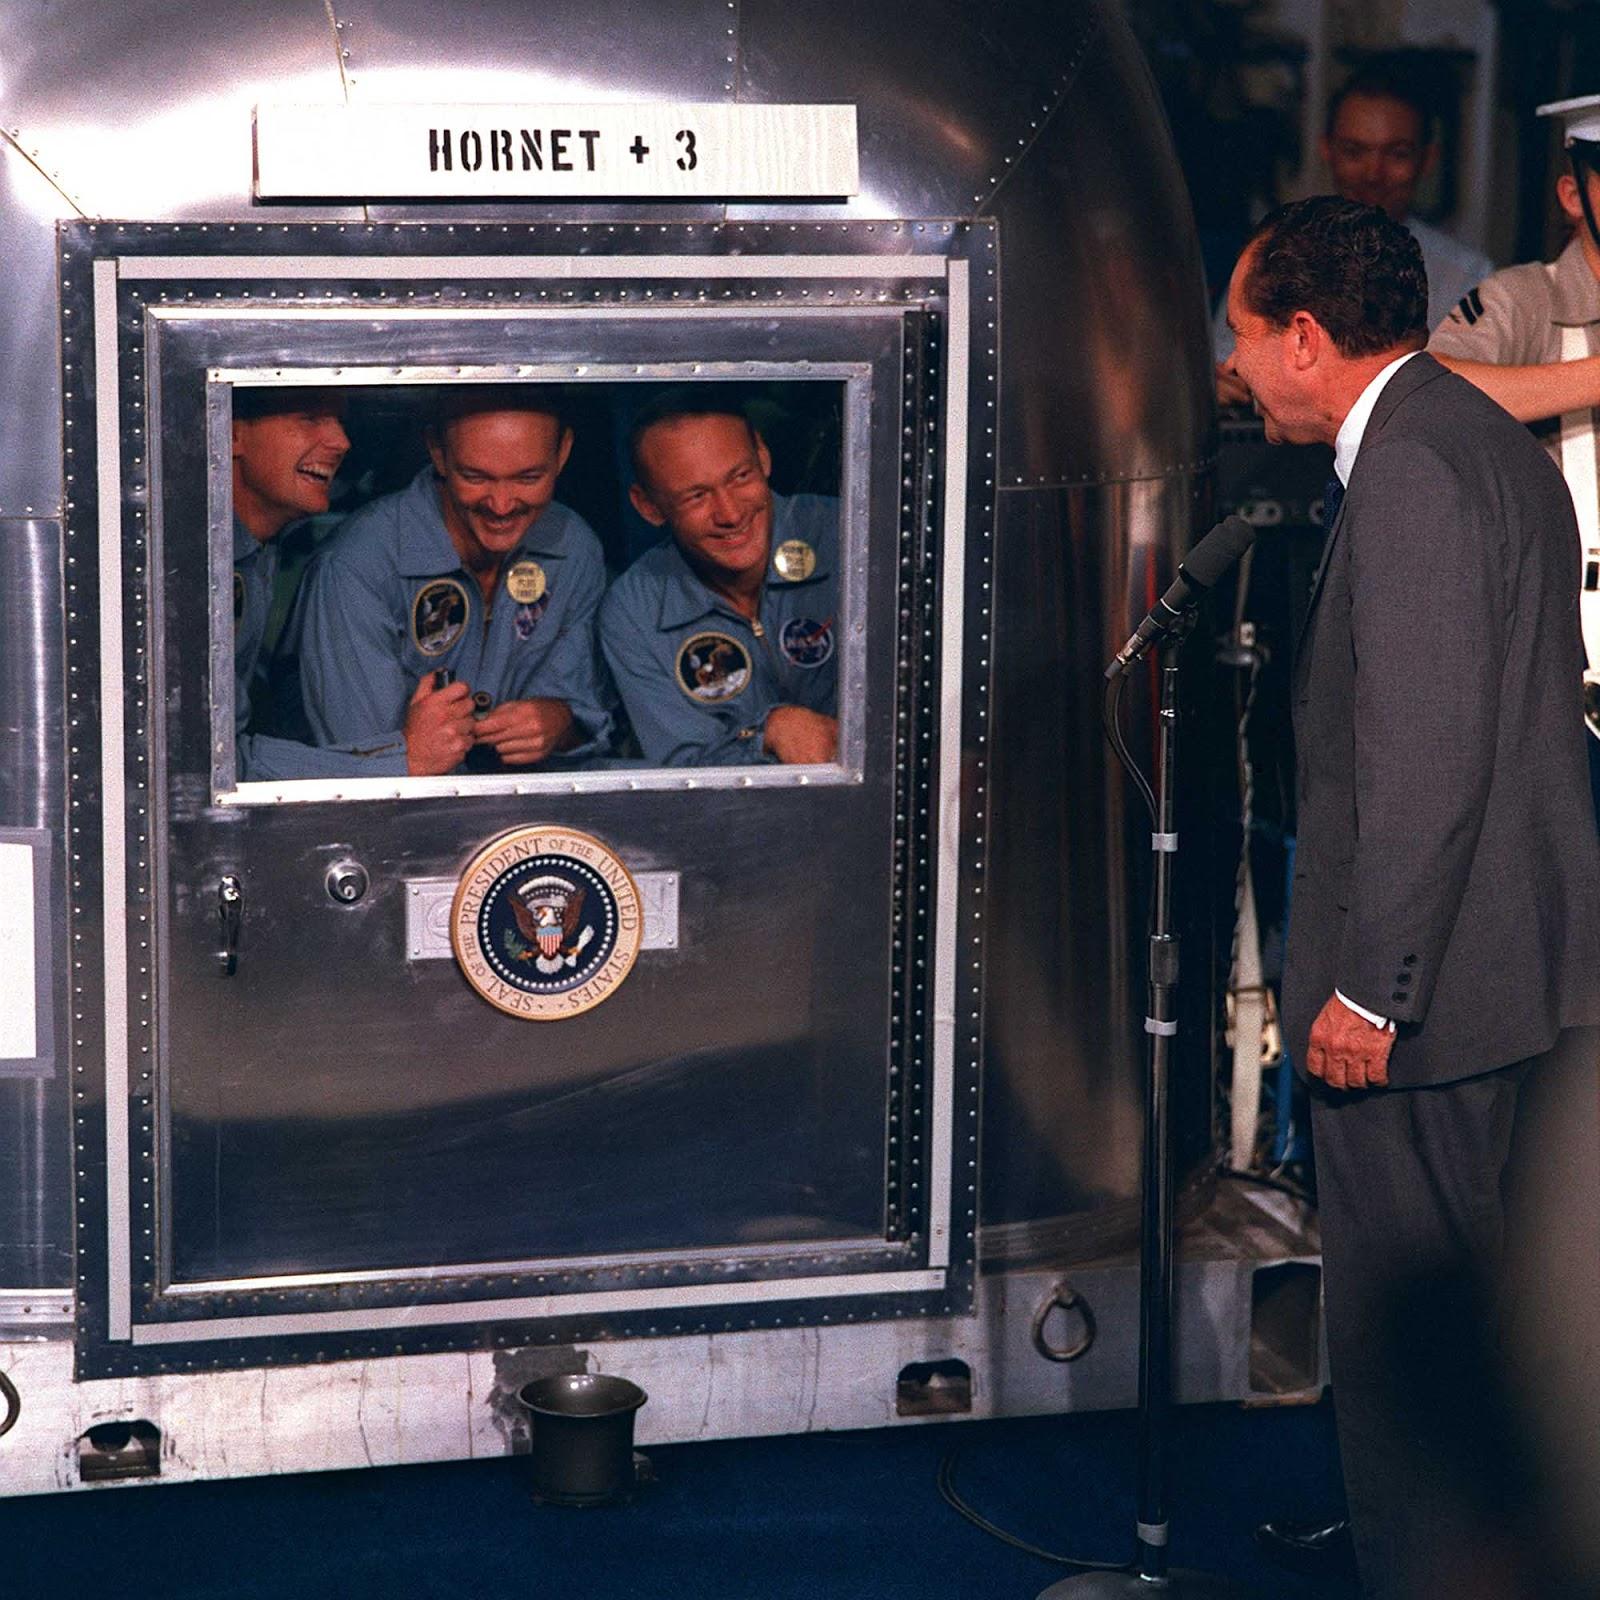 El presidente Nixon saluda a los astronautas que regresaron del Apolo 11, 1969.